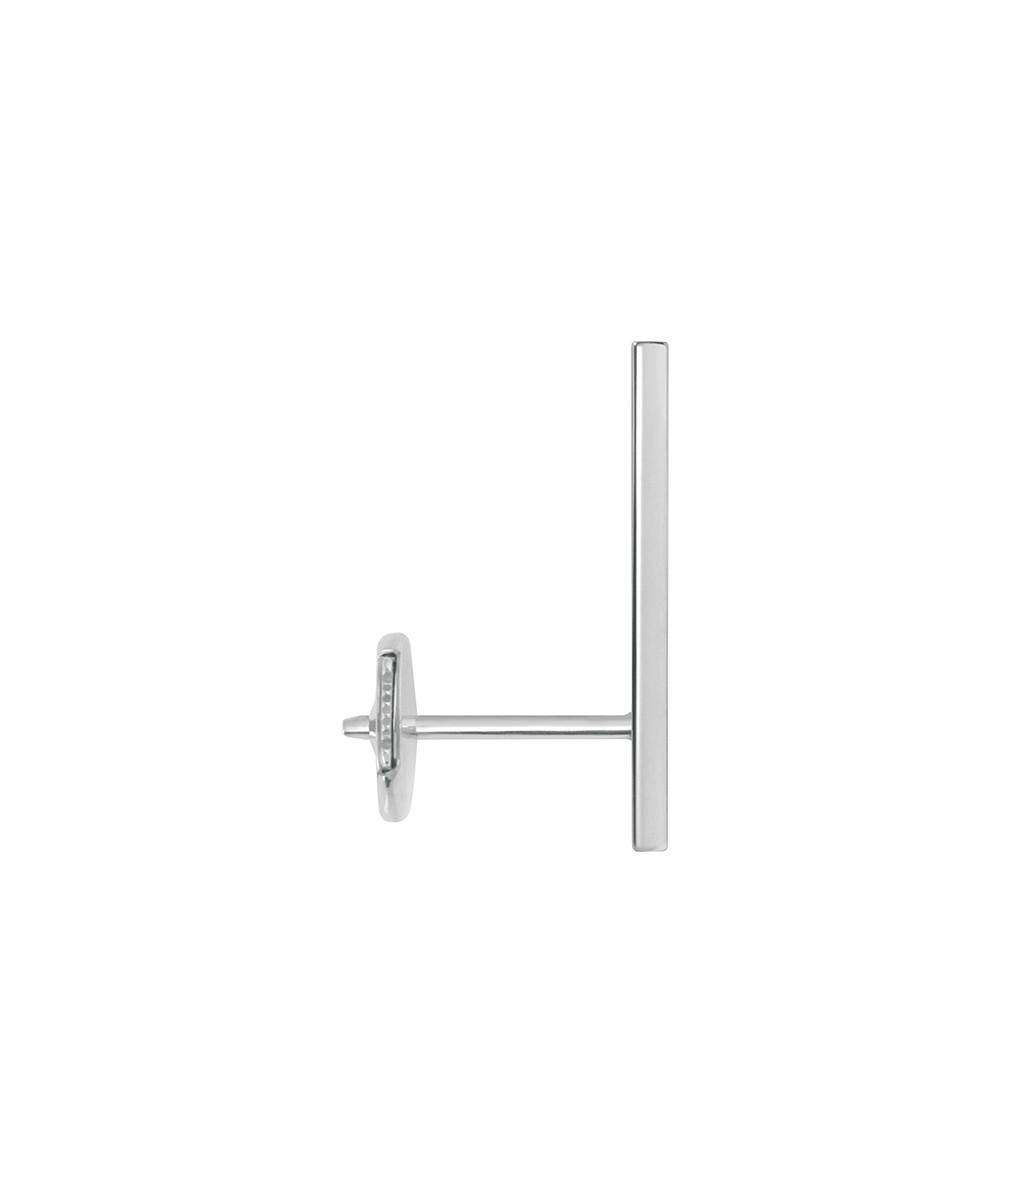 VANRYCKE - Boucle d'oreille Medellin GM Or Blanc Diamants (vendue à l'unité)